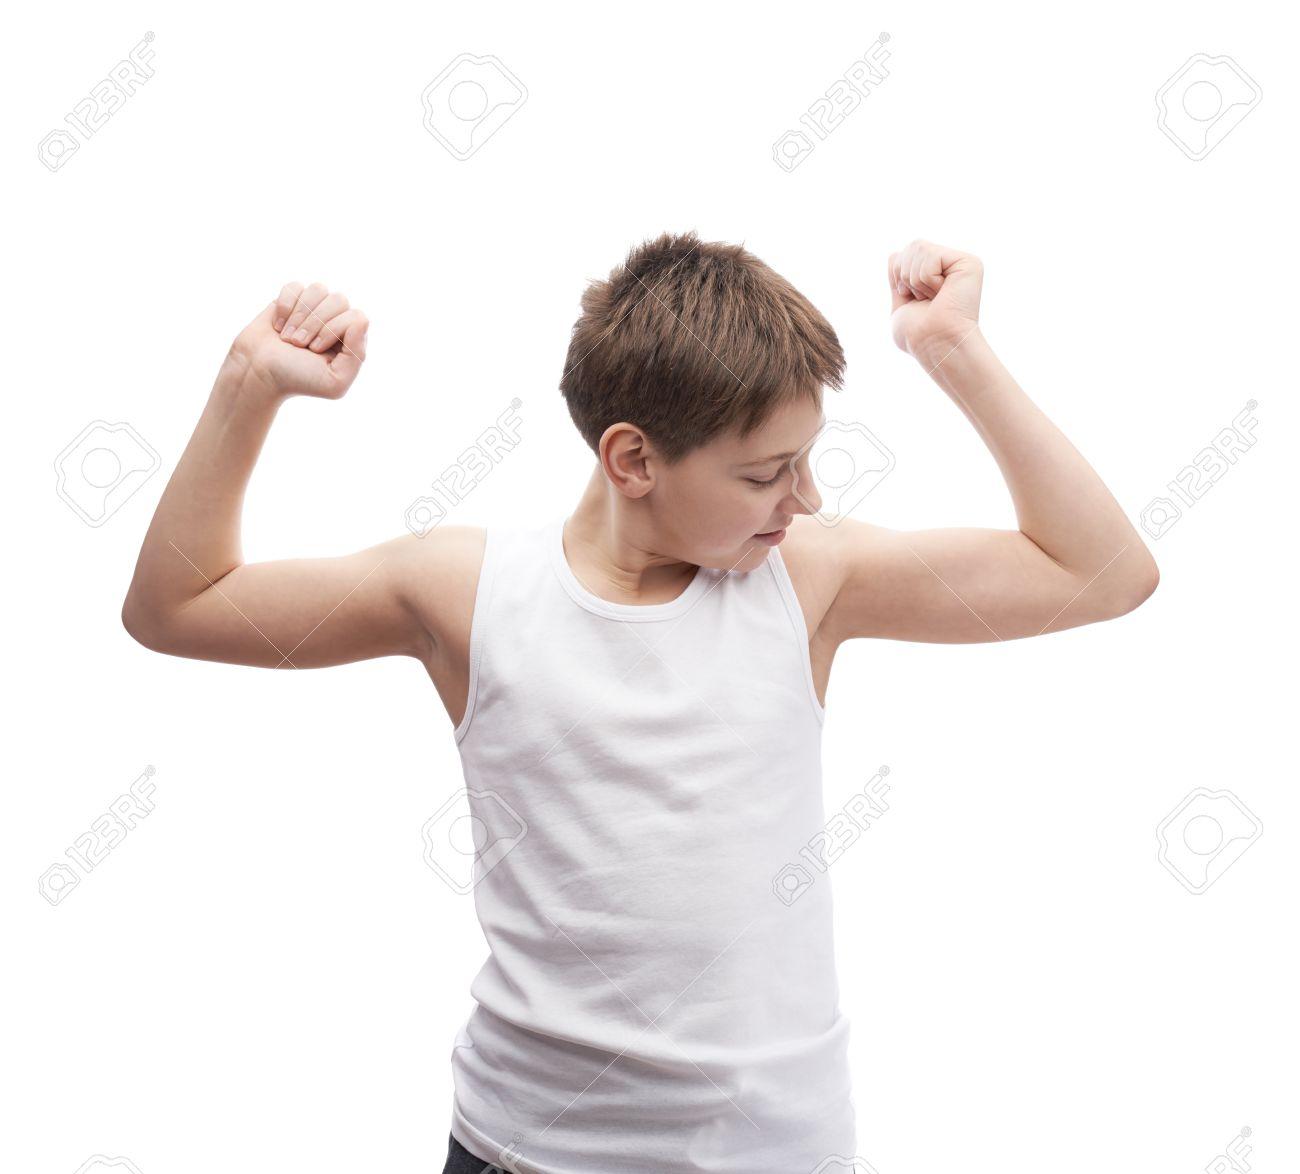 Glücklicher Junger Junge In Einem ärmellosen Weißen T-Shirt, Der ...